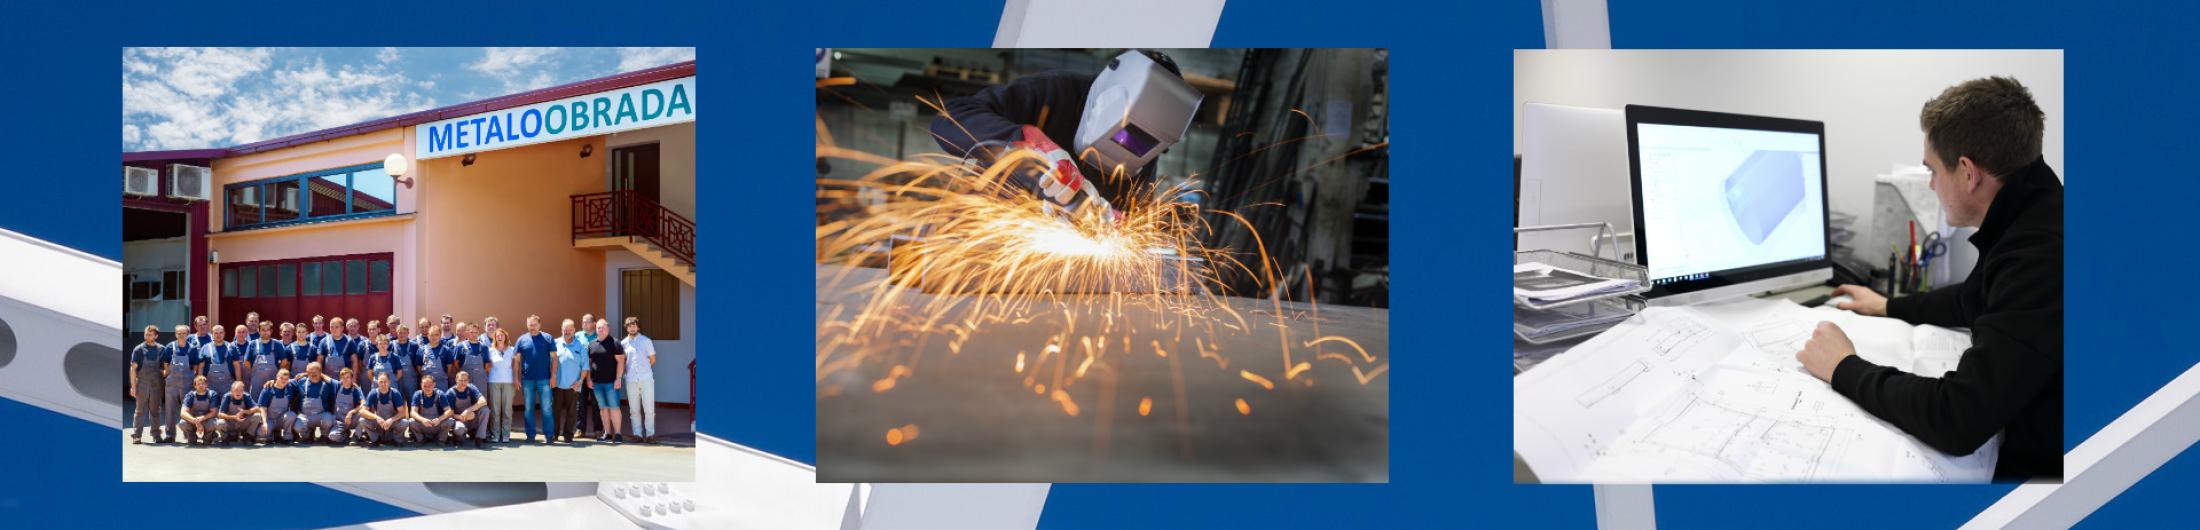 Tvrtka, djelatnici, zavarivači, strojarstvo, Metaloobrada, zagreb